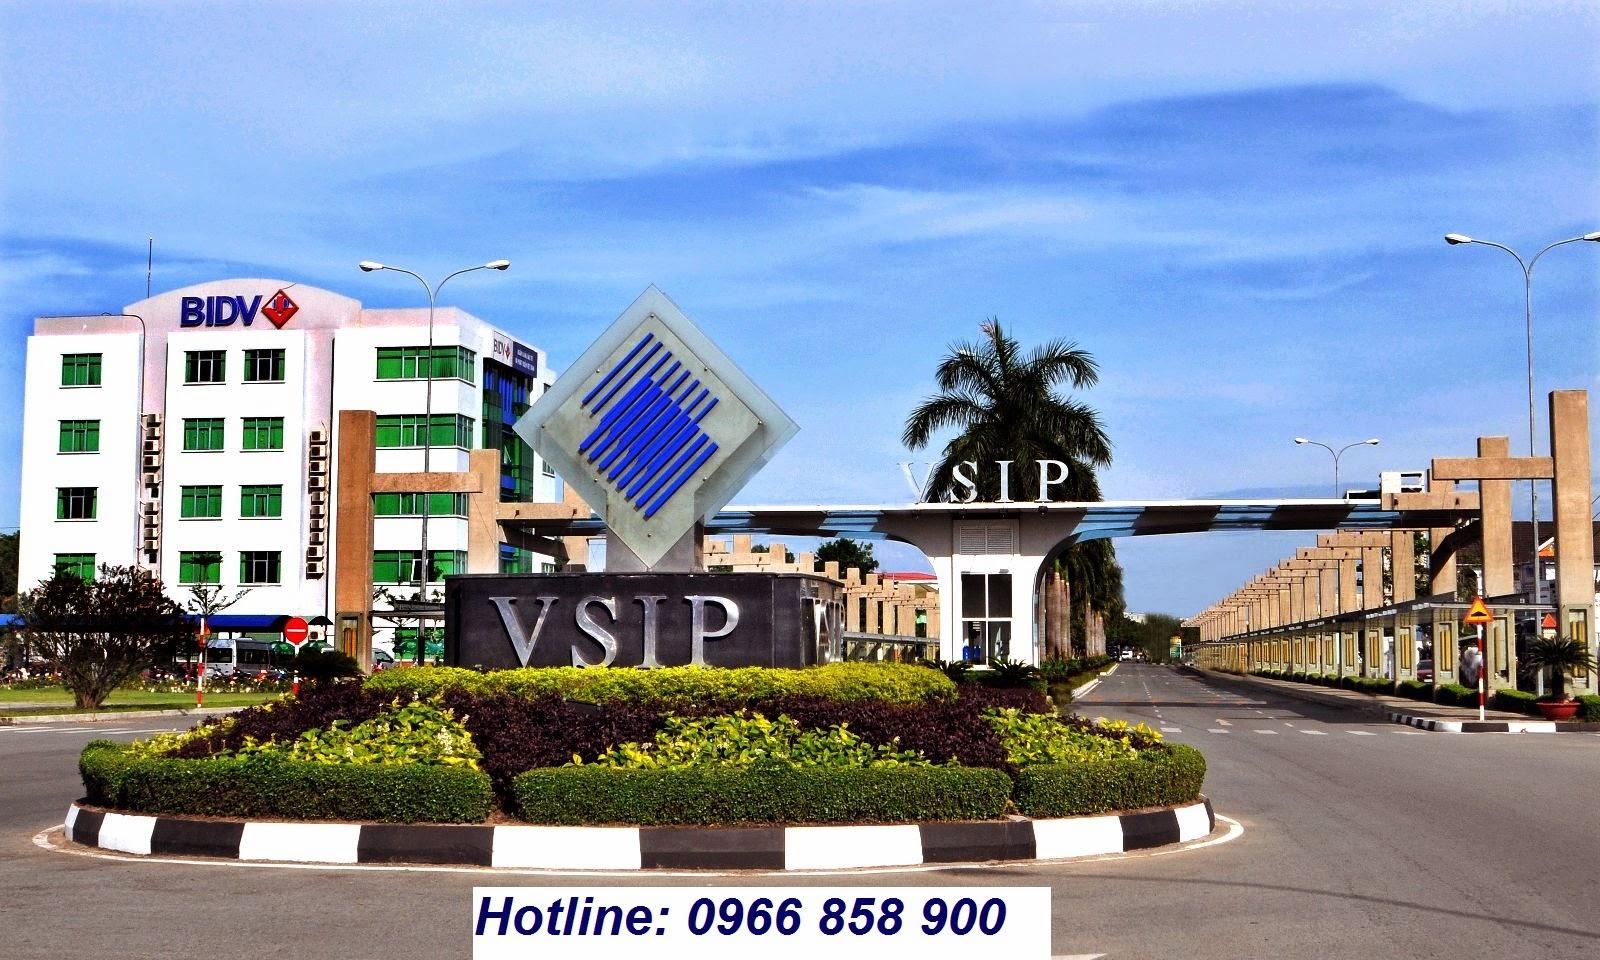 KDC Việt Sing, VSIP 1 Bình Dương ảnh 1